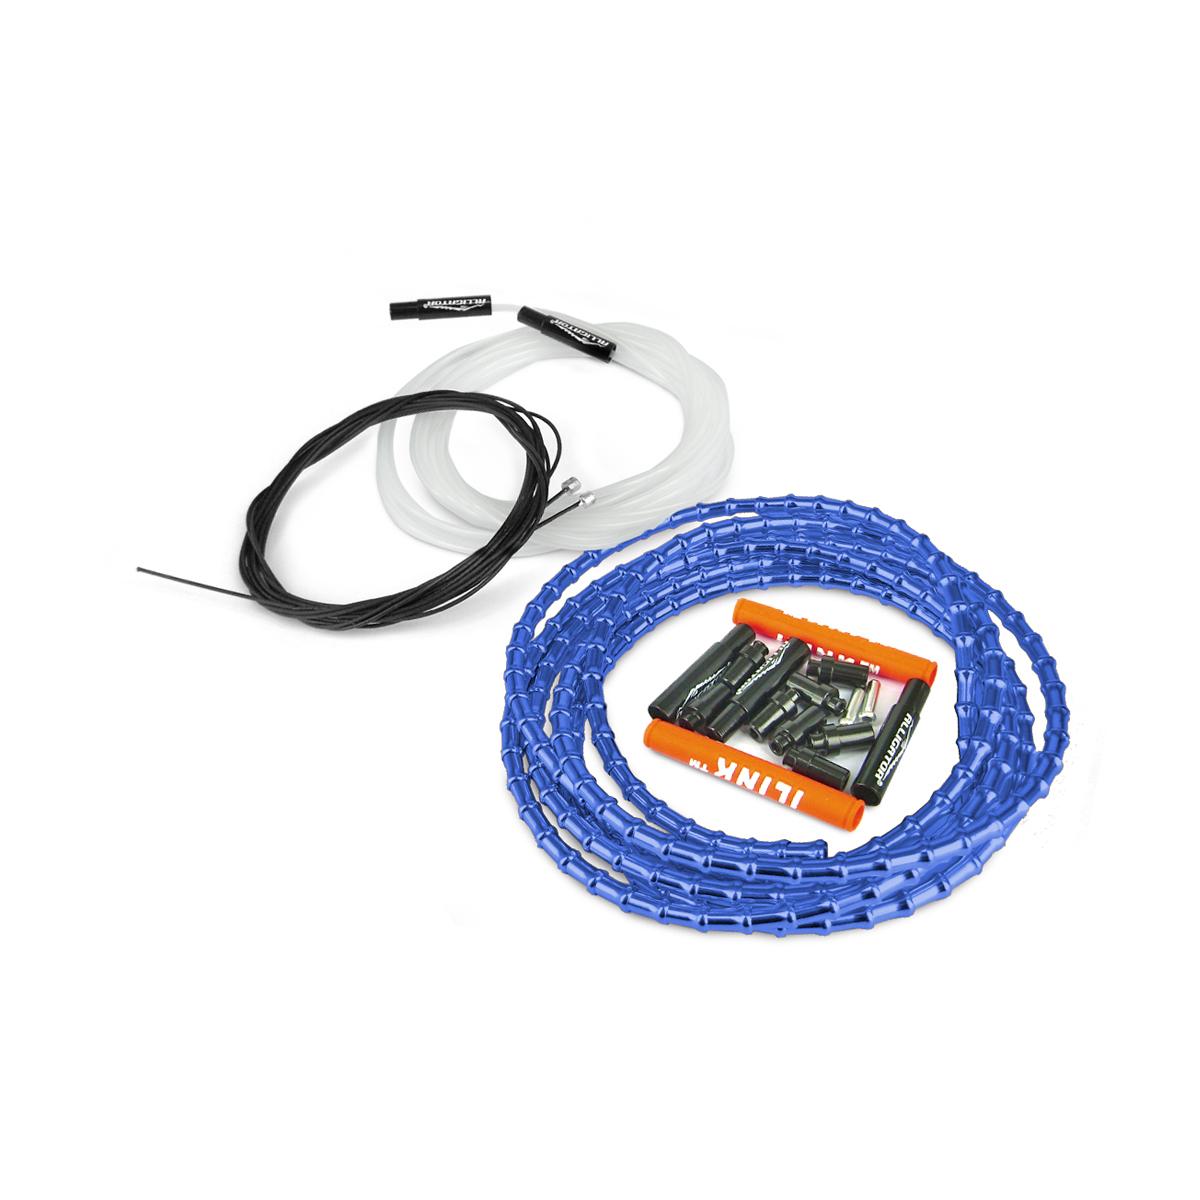 Kit Alligator ILINK frein VTT et route bleu